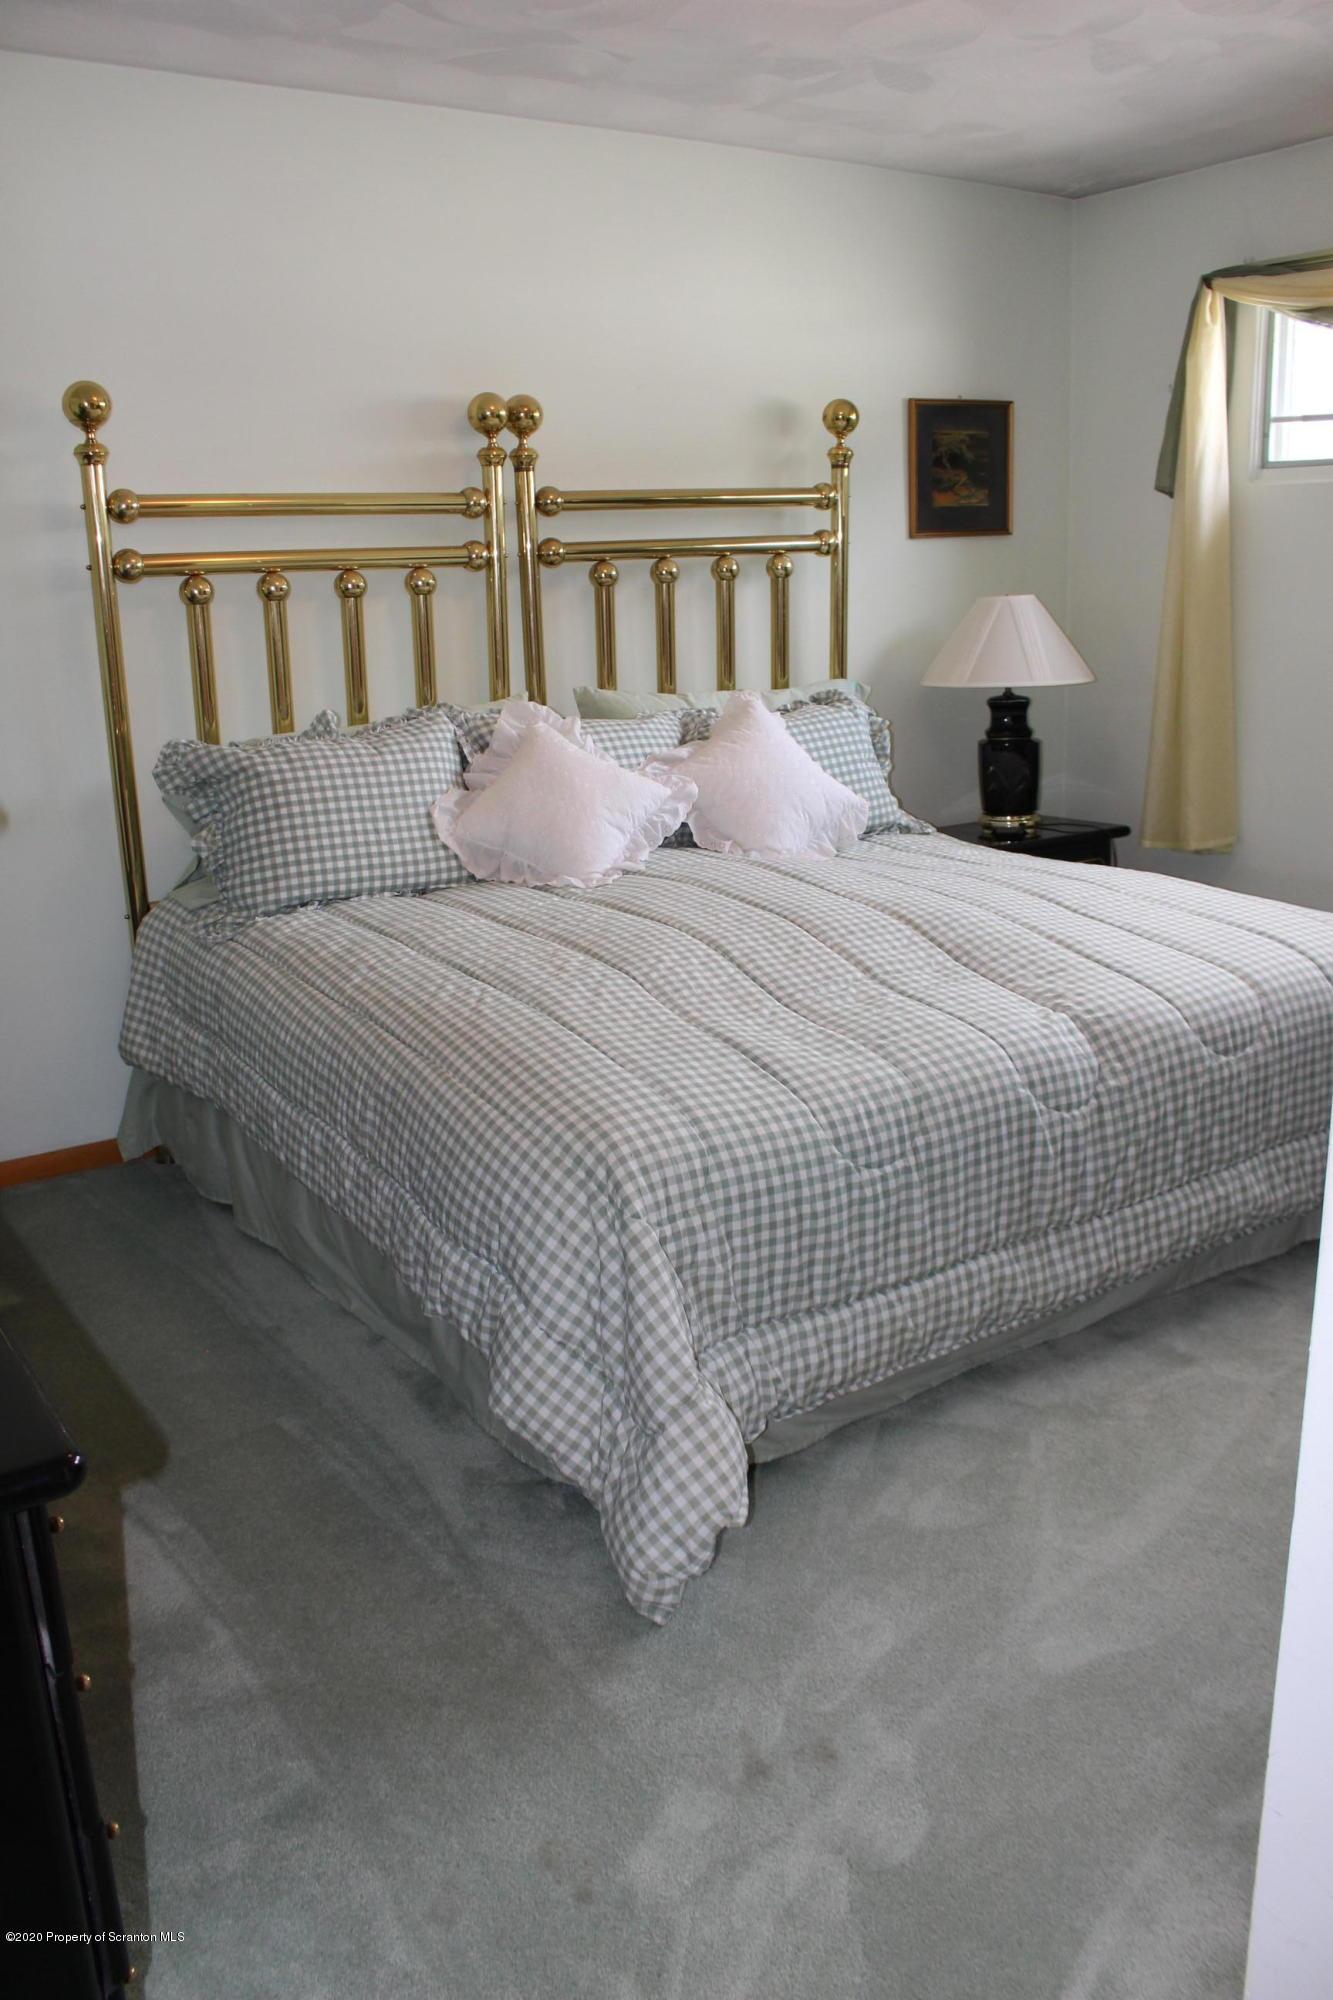 611 Locust St, Scranton, Pennsylvania 18504, 3 Bedrooms Bedrooms, 7 Rooms Rooms,2 BathroomsBathrooms,Single Family,For Sale,Locust,20-2261